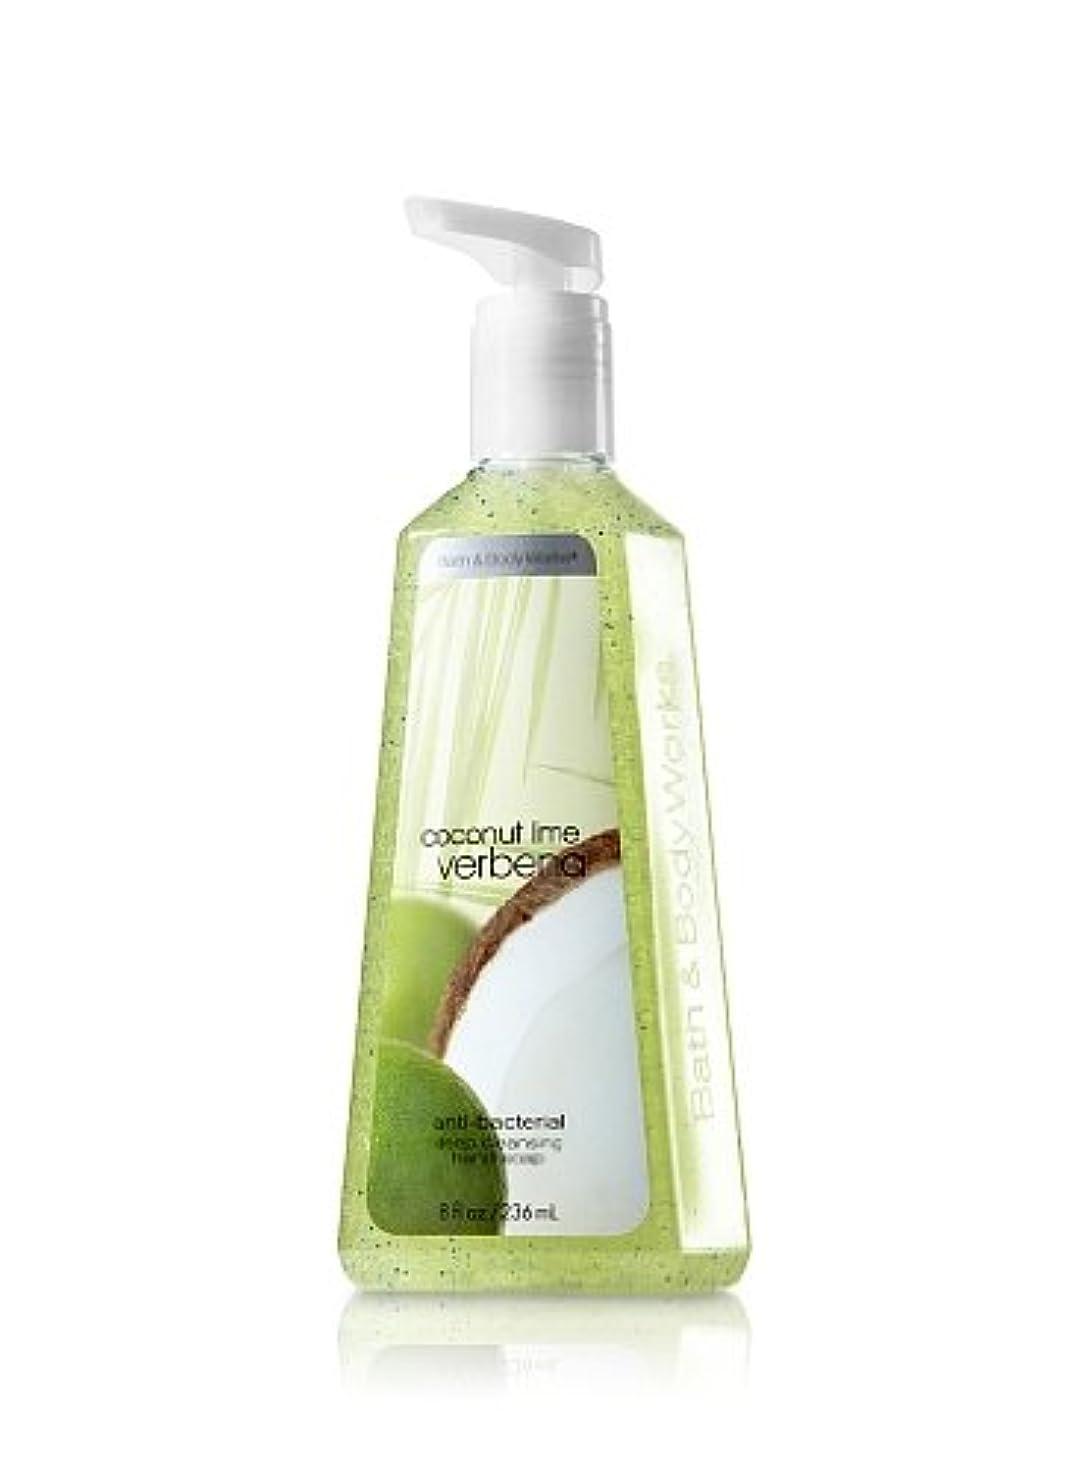 グリップ授業料構想するバス&ボディワークス ココナッツライムバーベナ ディープクレンジングハンドソープ Coconut Lime Verbena Deep Cleansing Hand Soap [海外直送品]